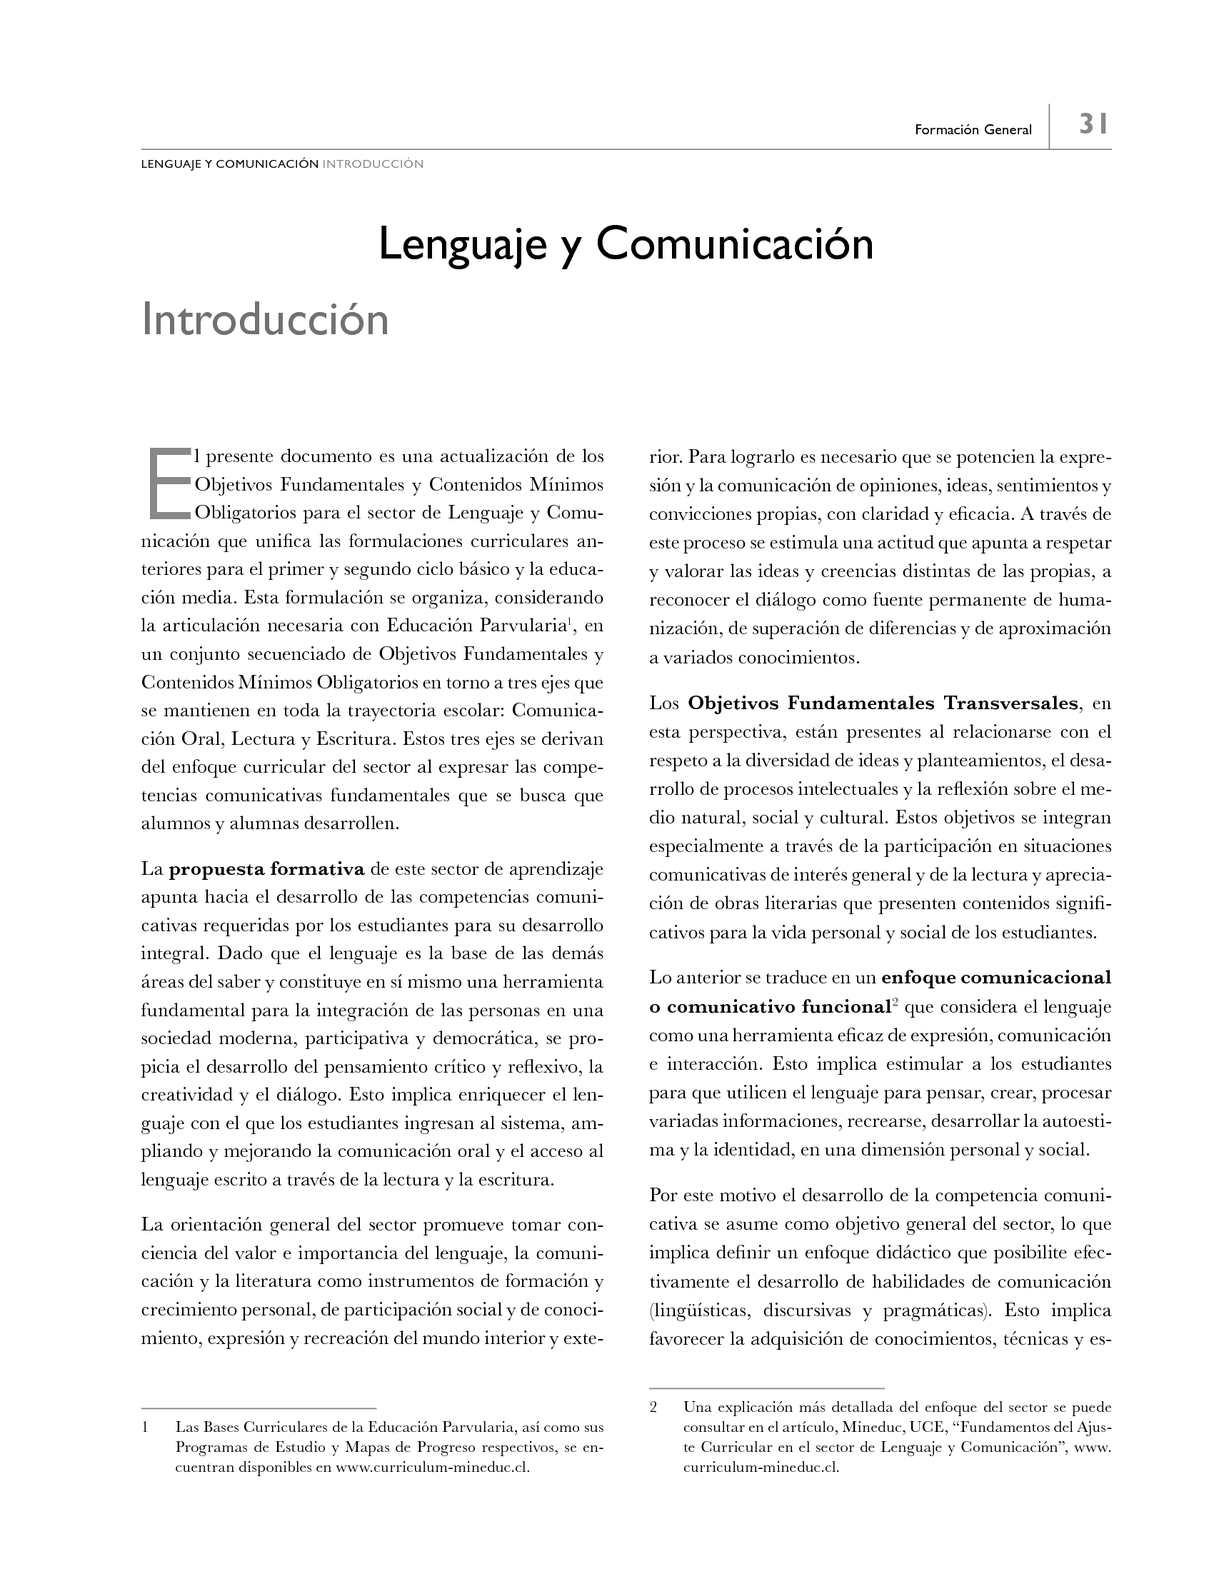 Calaméo - Lenguaje y comunicación